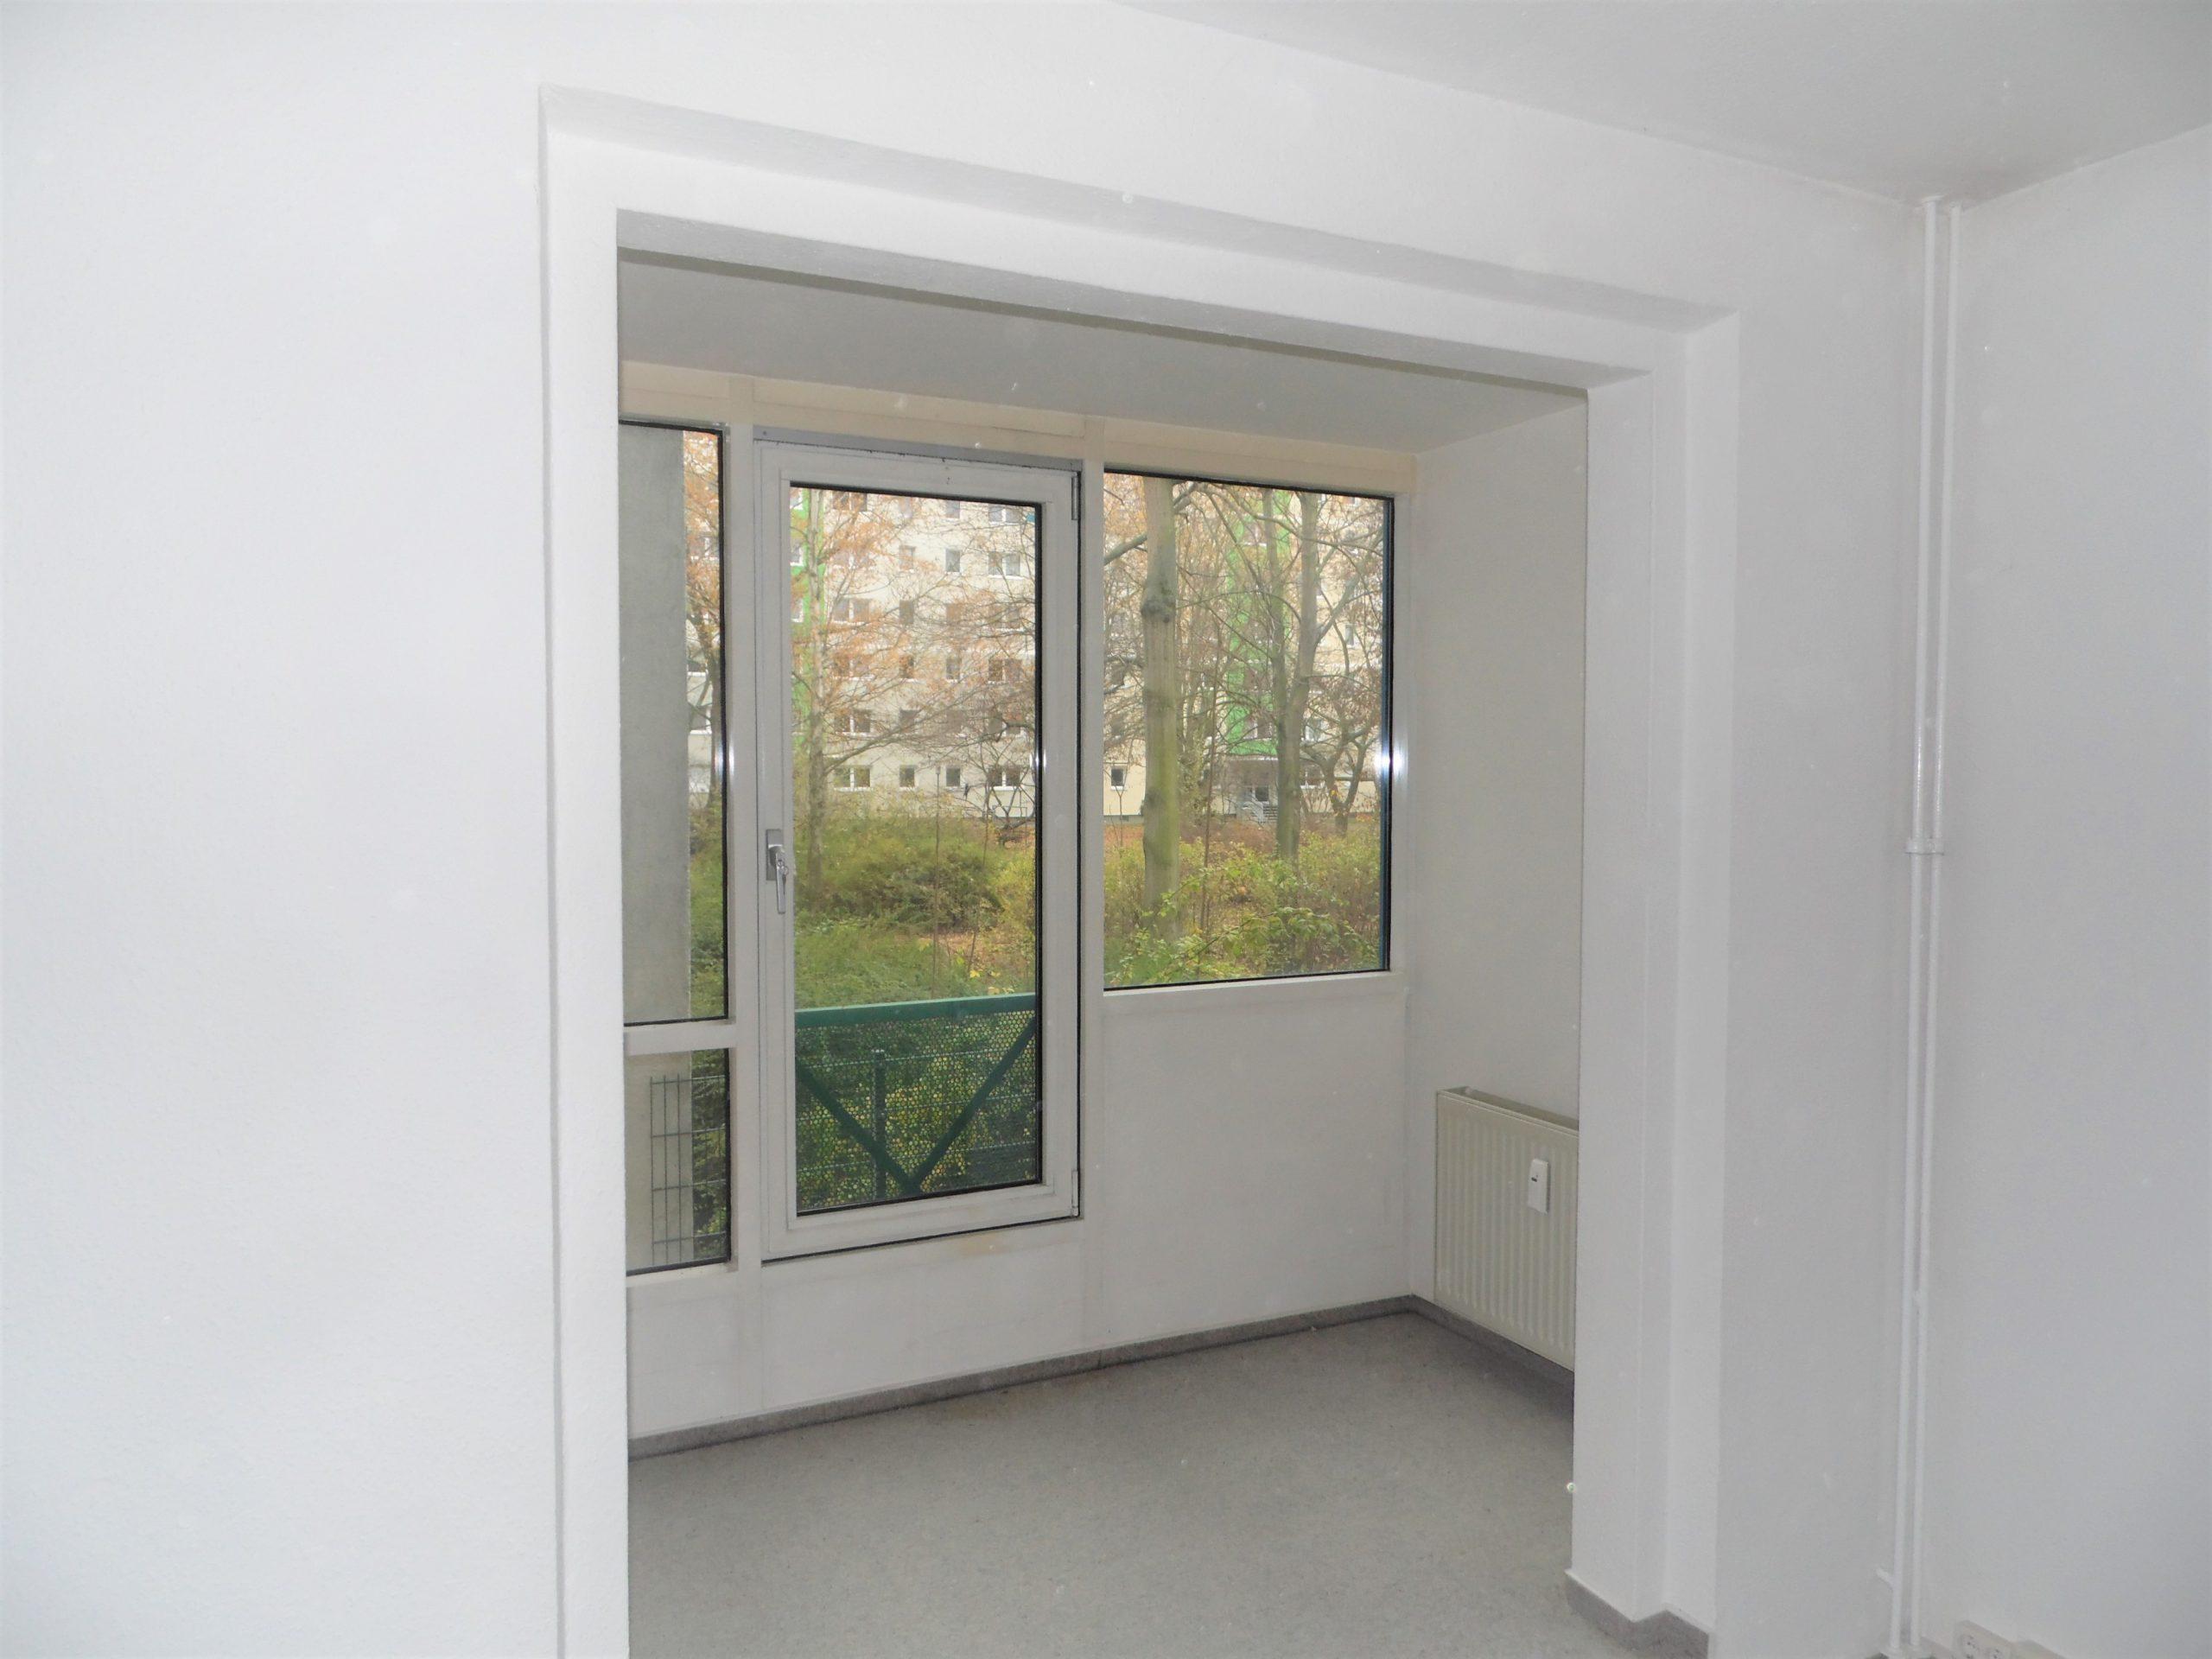 Eigentumswohnung Lise-Meitner-Str. 1 - Blick zum Wintergarten